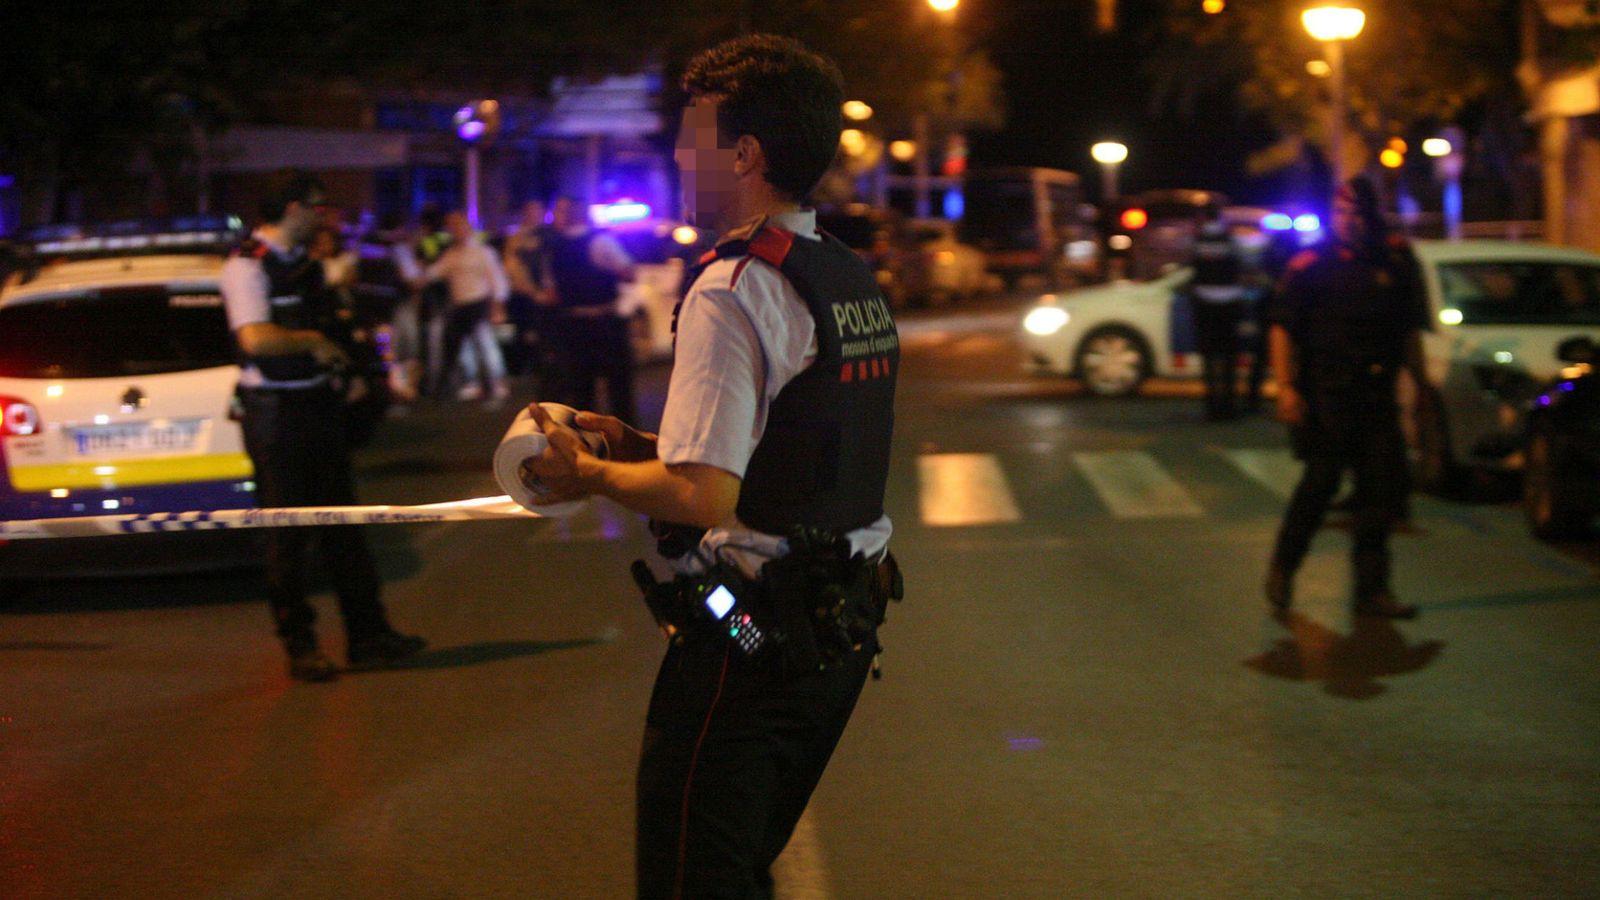 Foto: Los Mossos abatieron a cinco presuntos terroristas que han atentado en Cambrils (EFE)